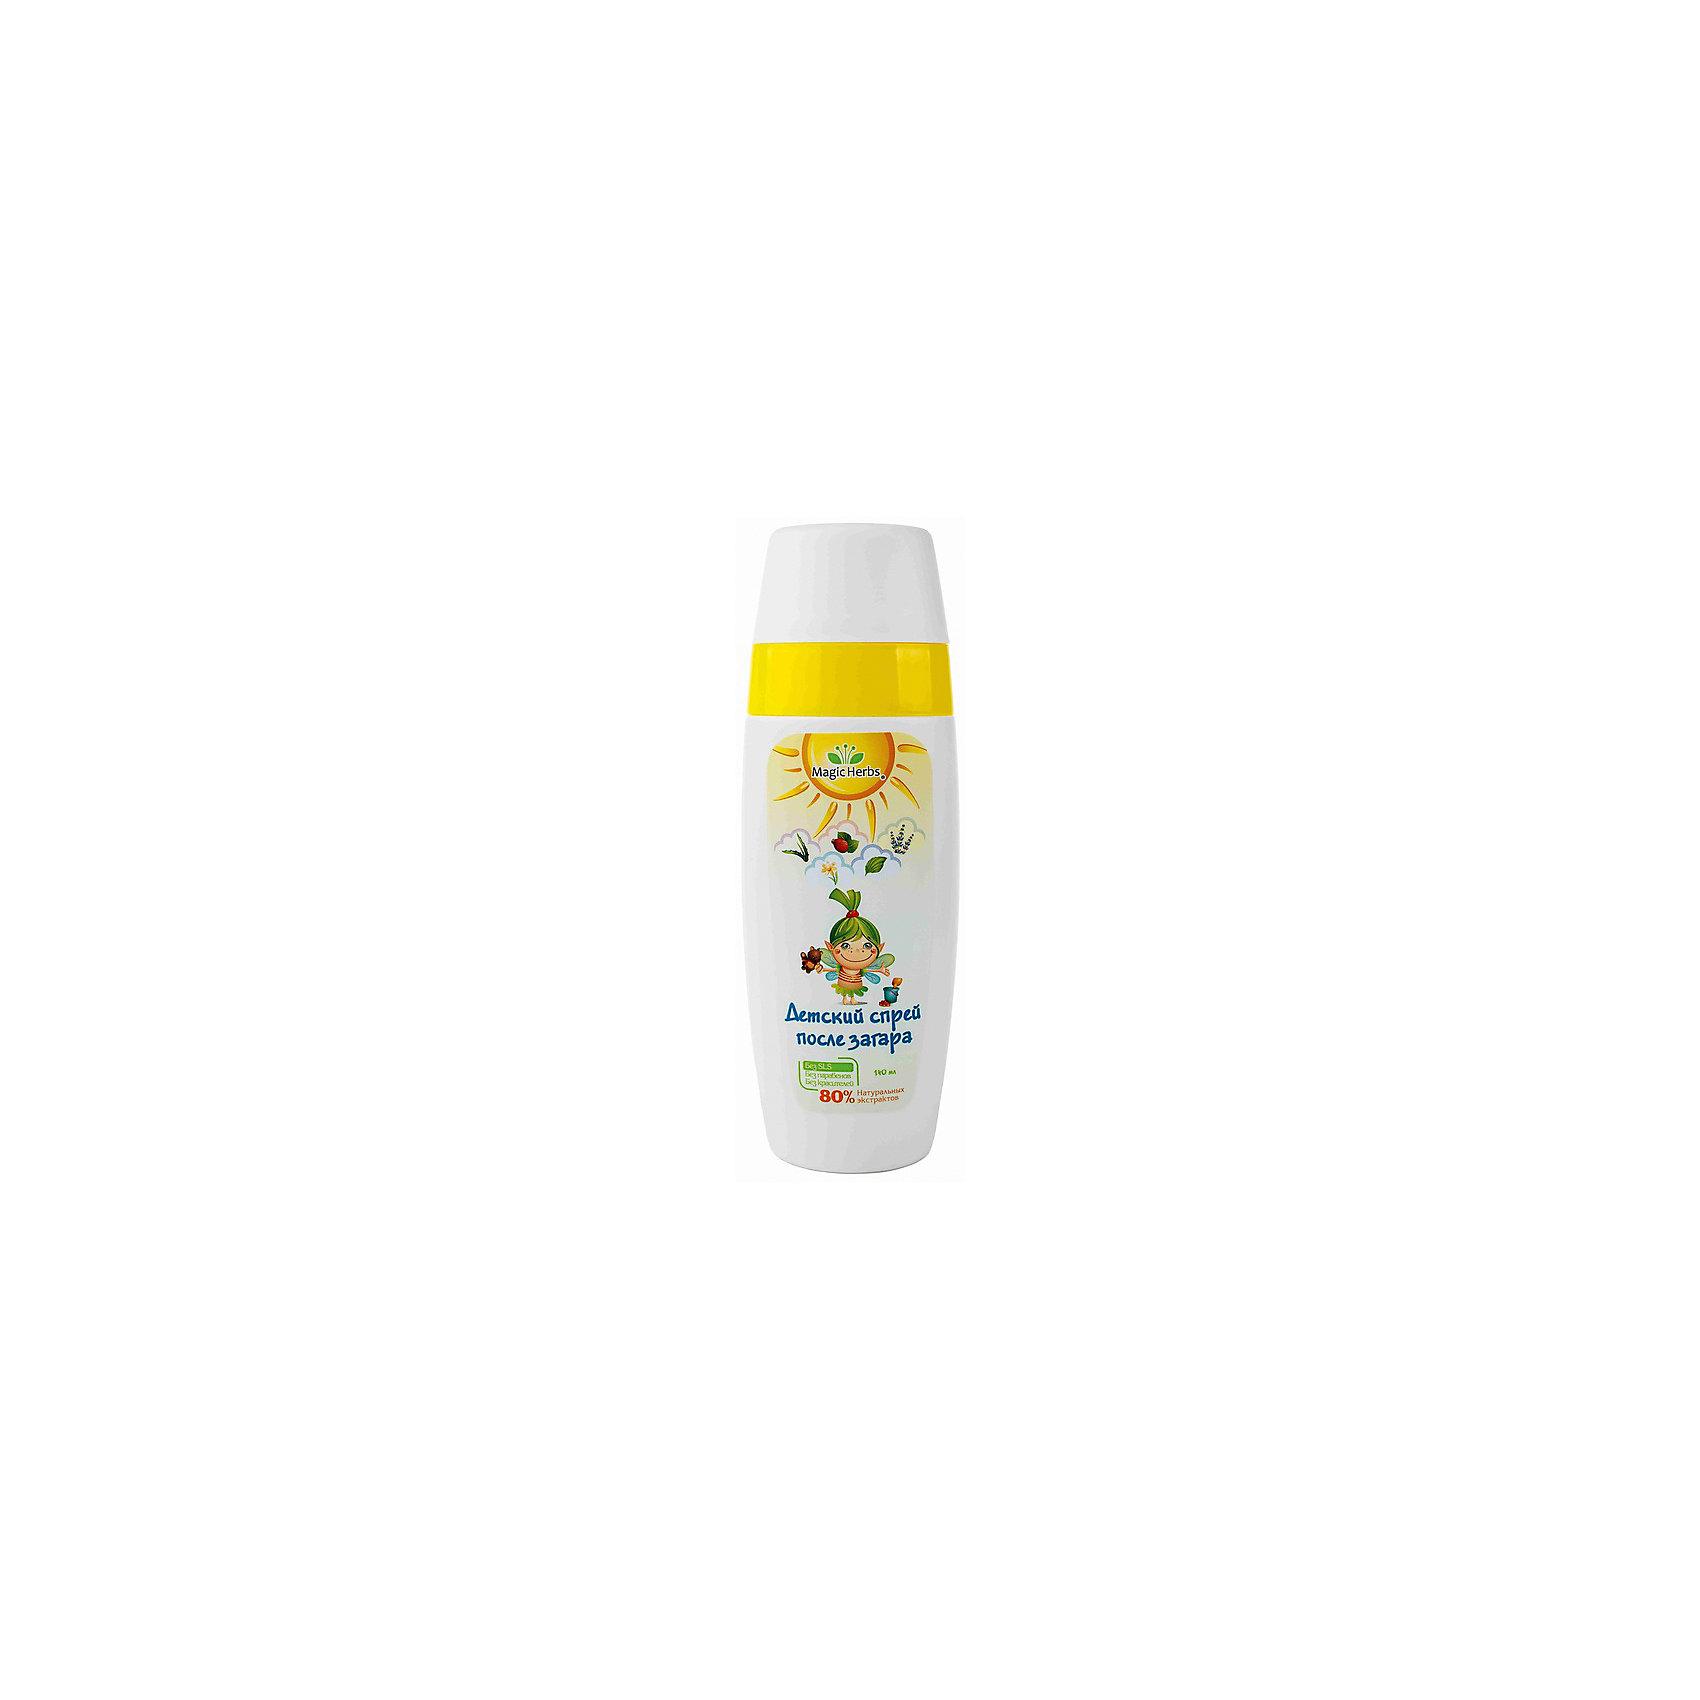 Спрей детский успокаивающий после загара, Magic HerbsСредства защиты от солнца и насекомых<br>Позаботиться о нежной детской коже важно не только до загара, но и после загара. Детский спрей успокаивает кожу после загара, охлаждает кожу, обладает смягчающими и увлажняющими свойствами. В состав спрея входят экстракты ромашки, шиповника, подорожника, лаванды и алоэ. <br><br>Дополнительная информация:<br><br>Д-пантенол, бисаболол и аллантоин увлажняют кожу после загара.<br>Без SLS, парабенов и красителей.<br>Только для наружного применения.<br>Объем: 140 мл<br><br>Спрей детский успокаивающий после загара, Magic Herbs можно купить в нашем интернет-магазине.<br><br>Ширина мм: 30<br>Глубина мм: 60<br>Высота мм: 170<br>Вес г: 160<br>Возраст от месяцев: -2147483648<br>Возраст до месяцев: 2147483647<br>Пол: Унисекс<br>Возраст: Детский<br>SKU: 5008332